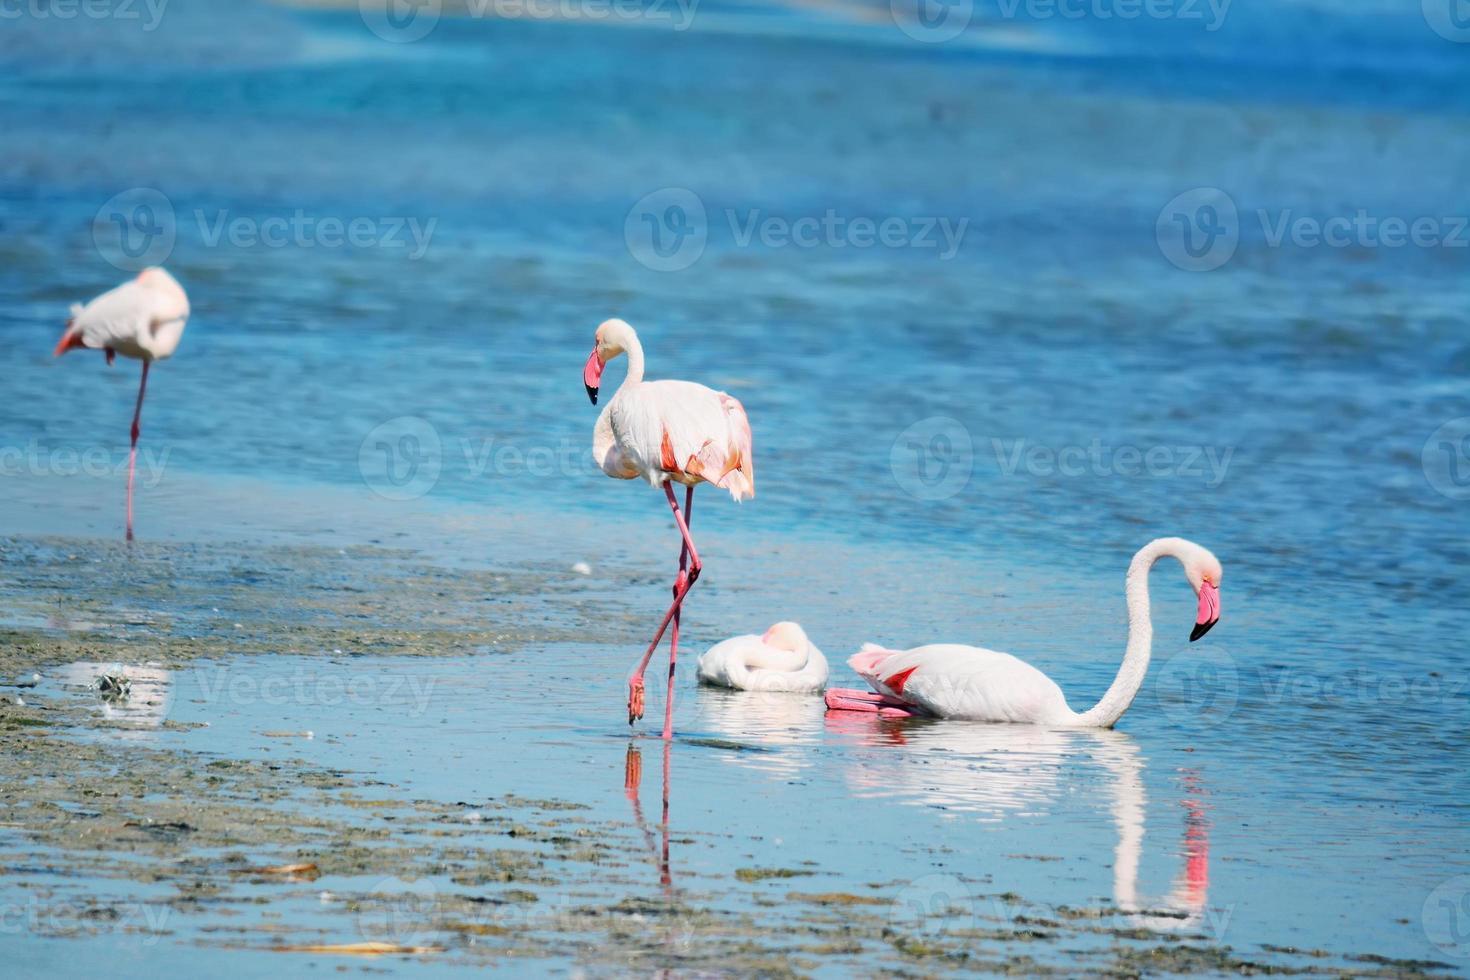 fenicotteri nell'acqua foto